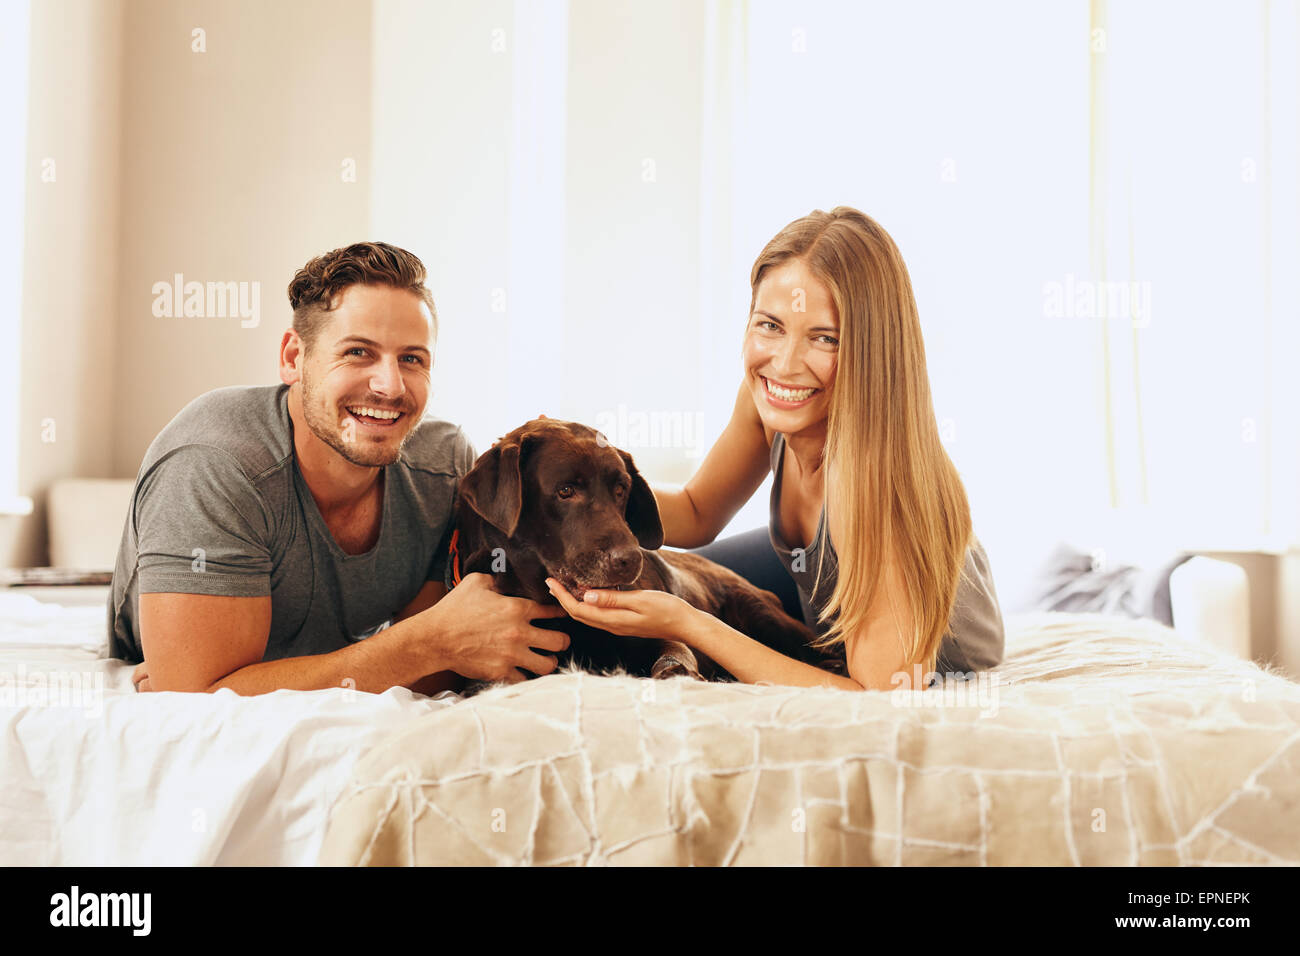 Aufnahme eines jungen Paares auf dem Bett liegend mit ihrem Hund. Fröhlicher Mensch und Frau Blick in die Kamera Stockbild